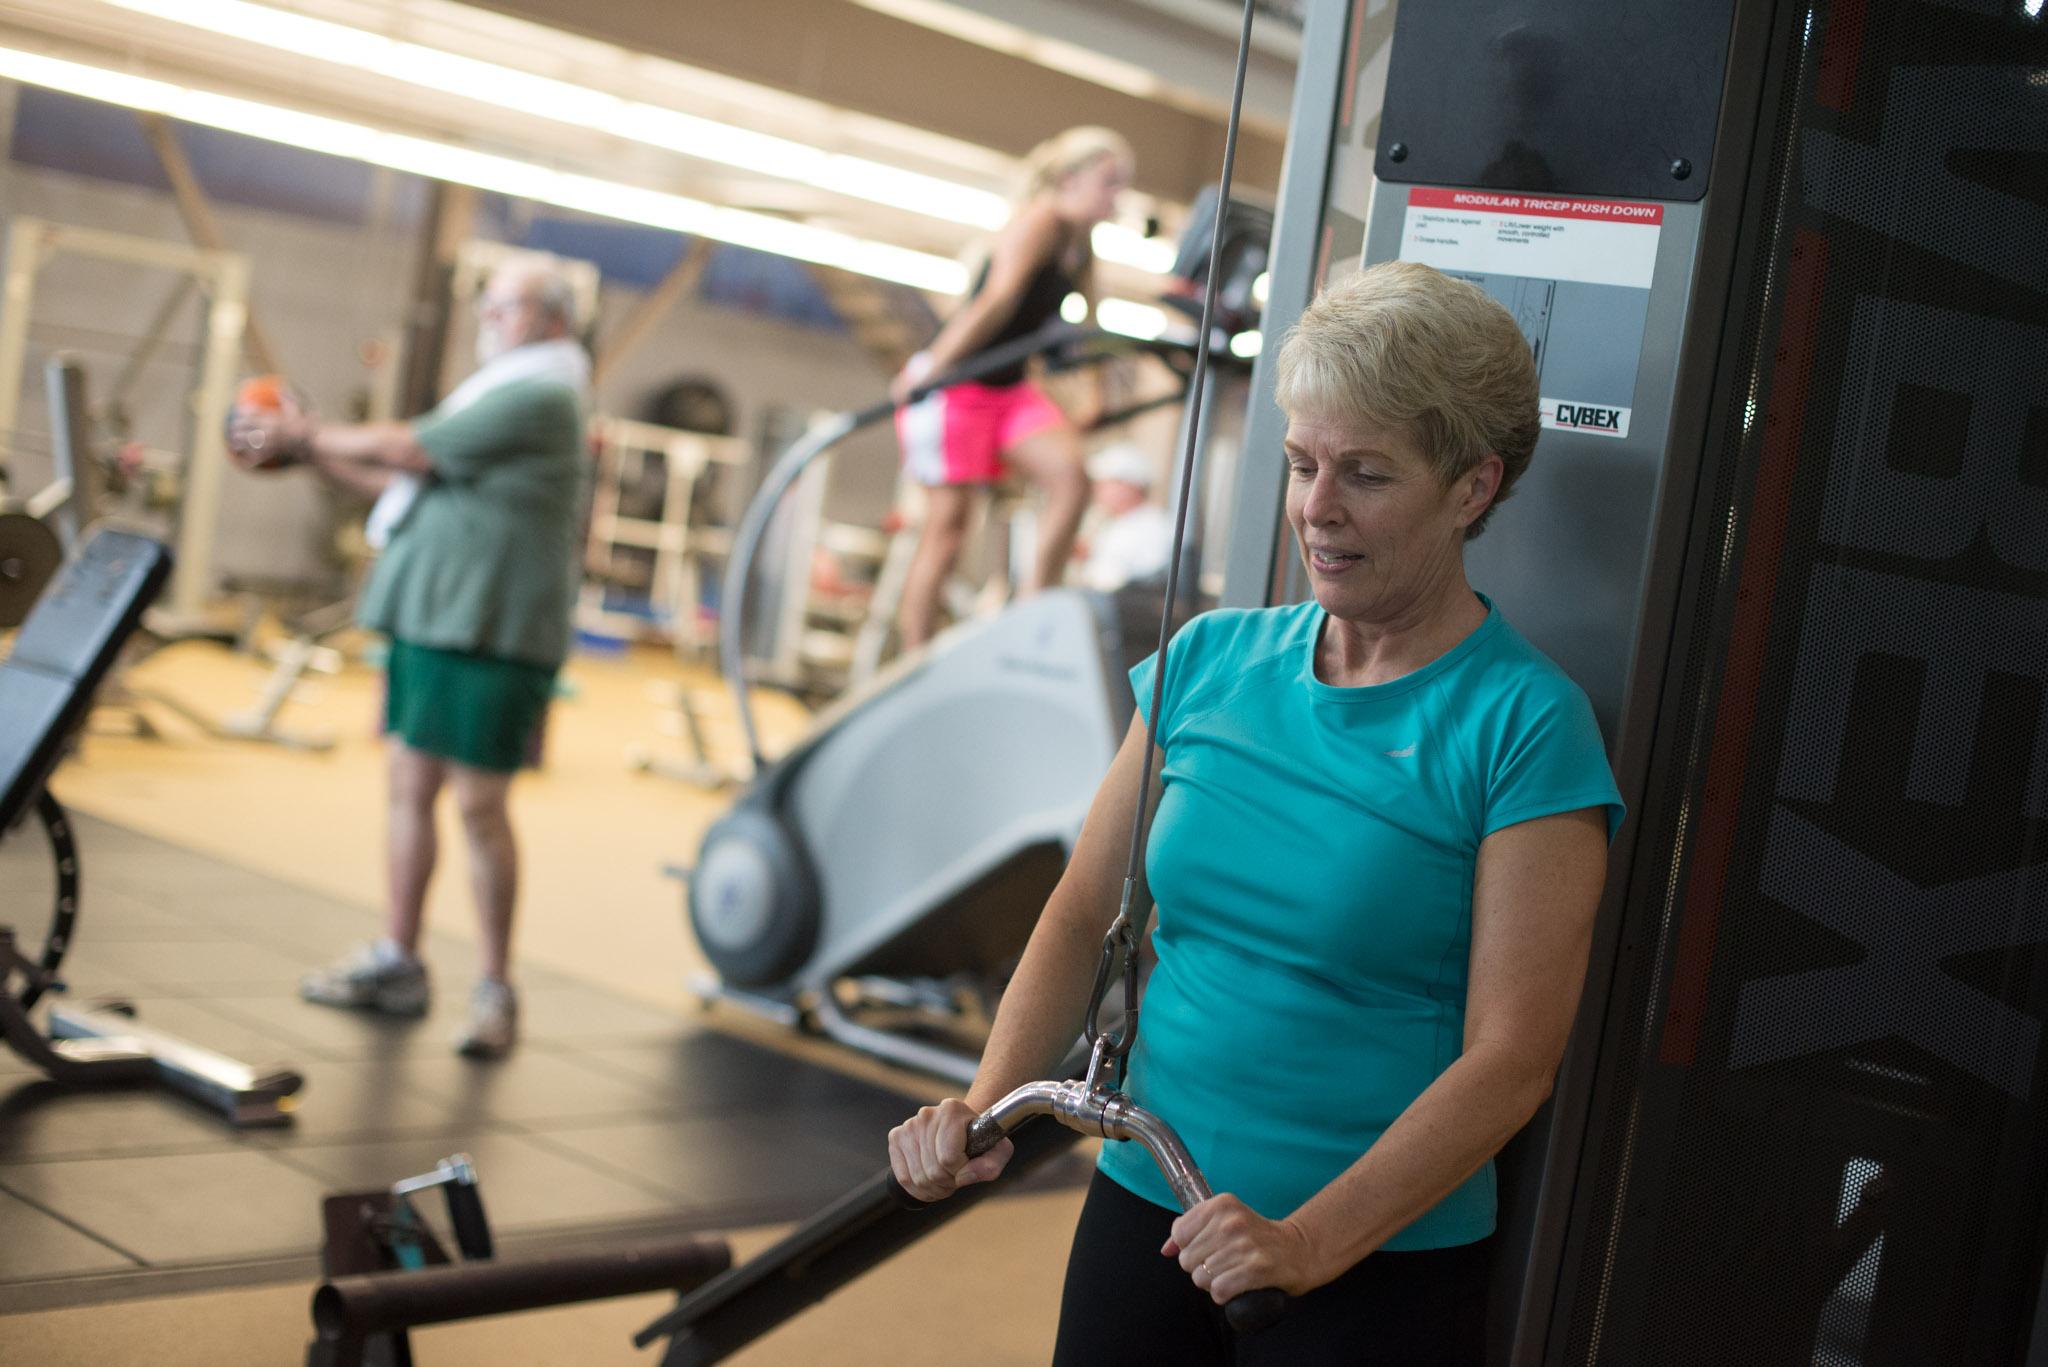 Wellness Center Stock Photos-1169.jpg